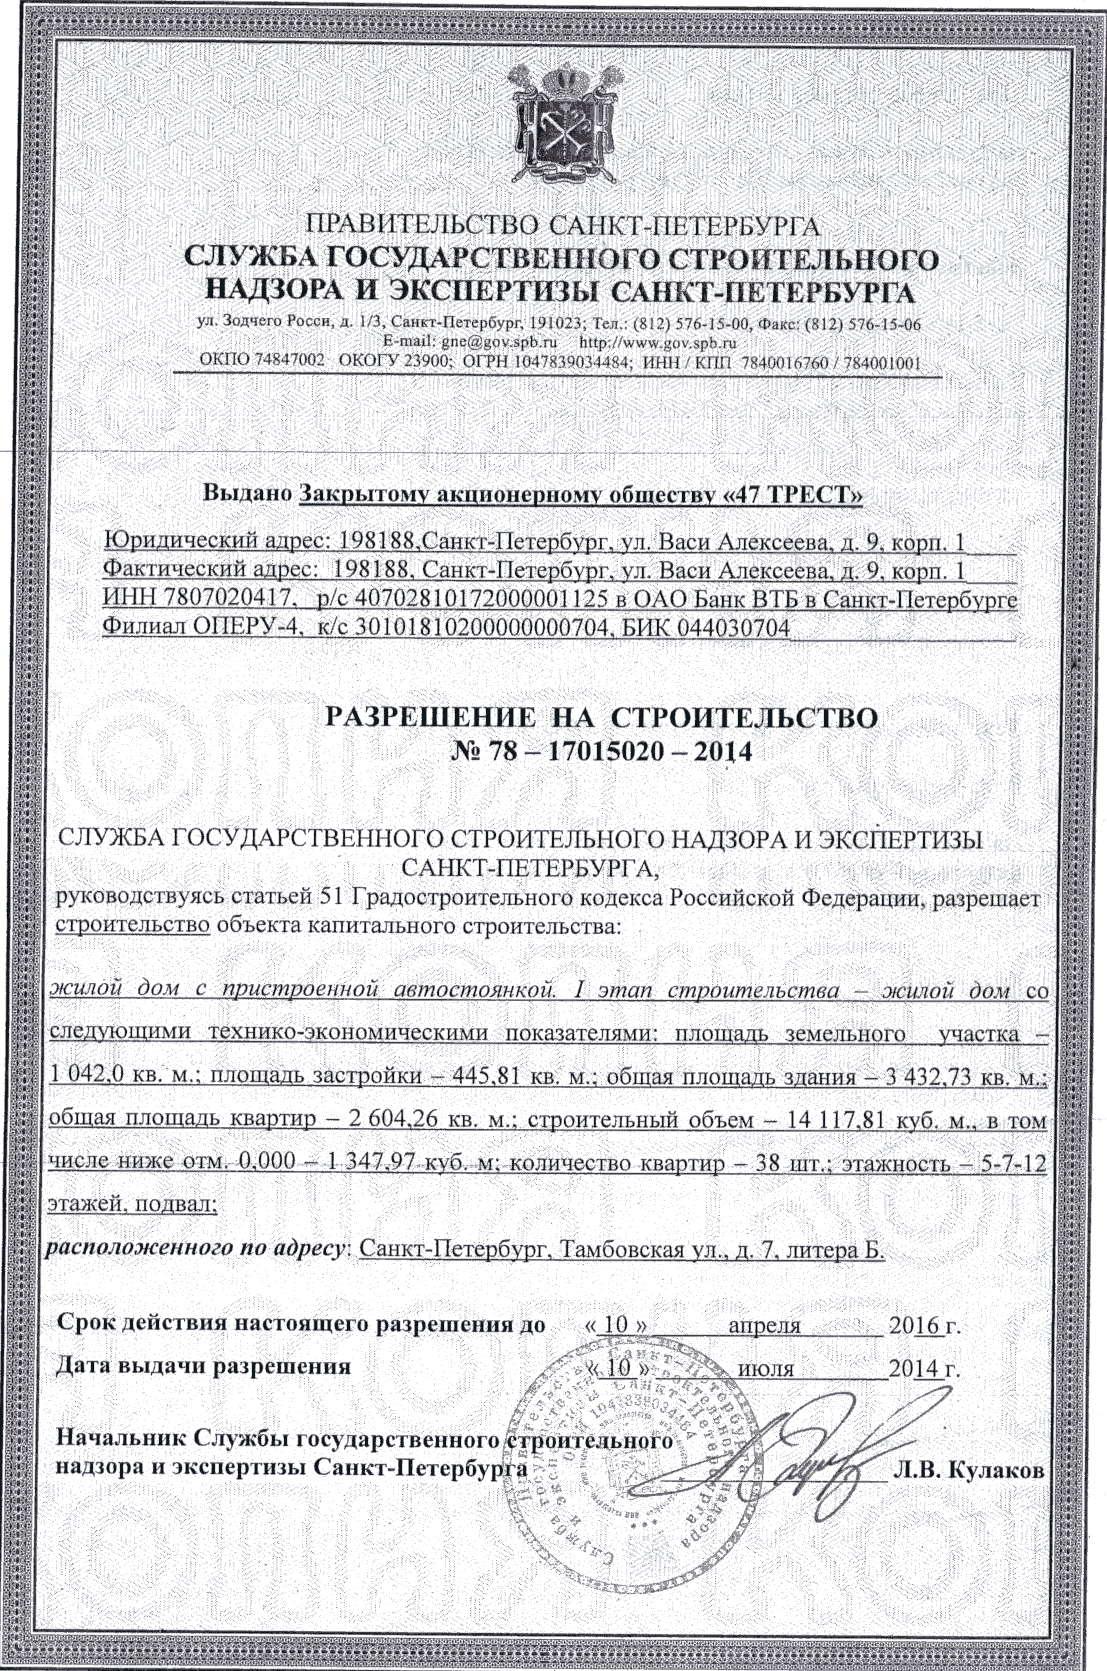 список разрешений на строительство в санкт-петербурге живота